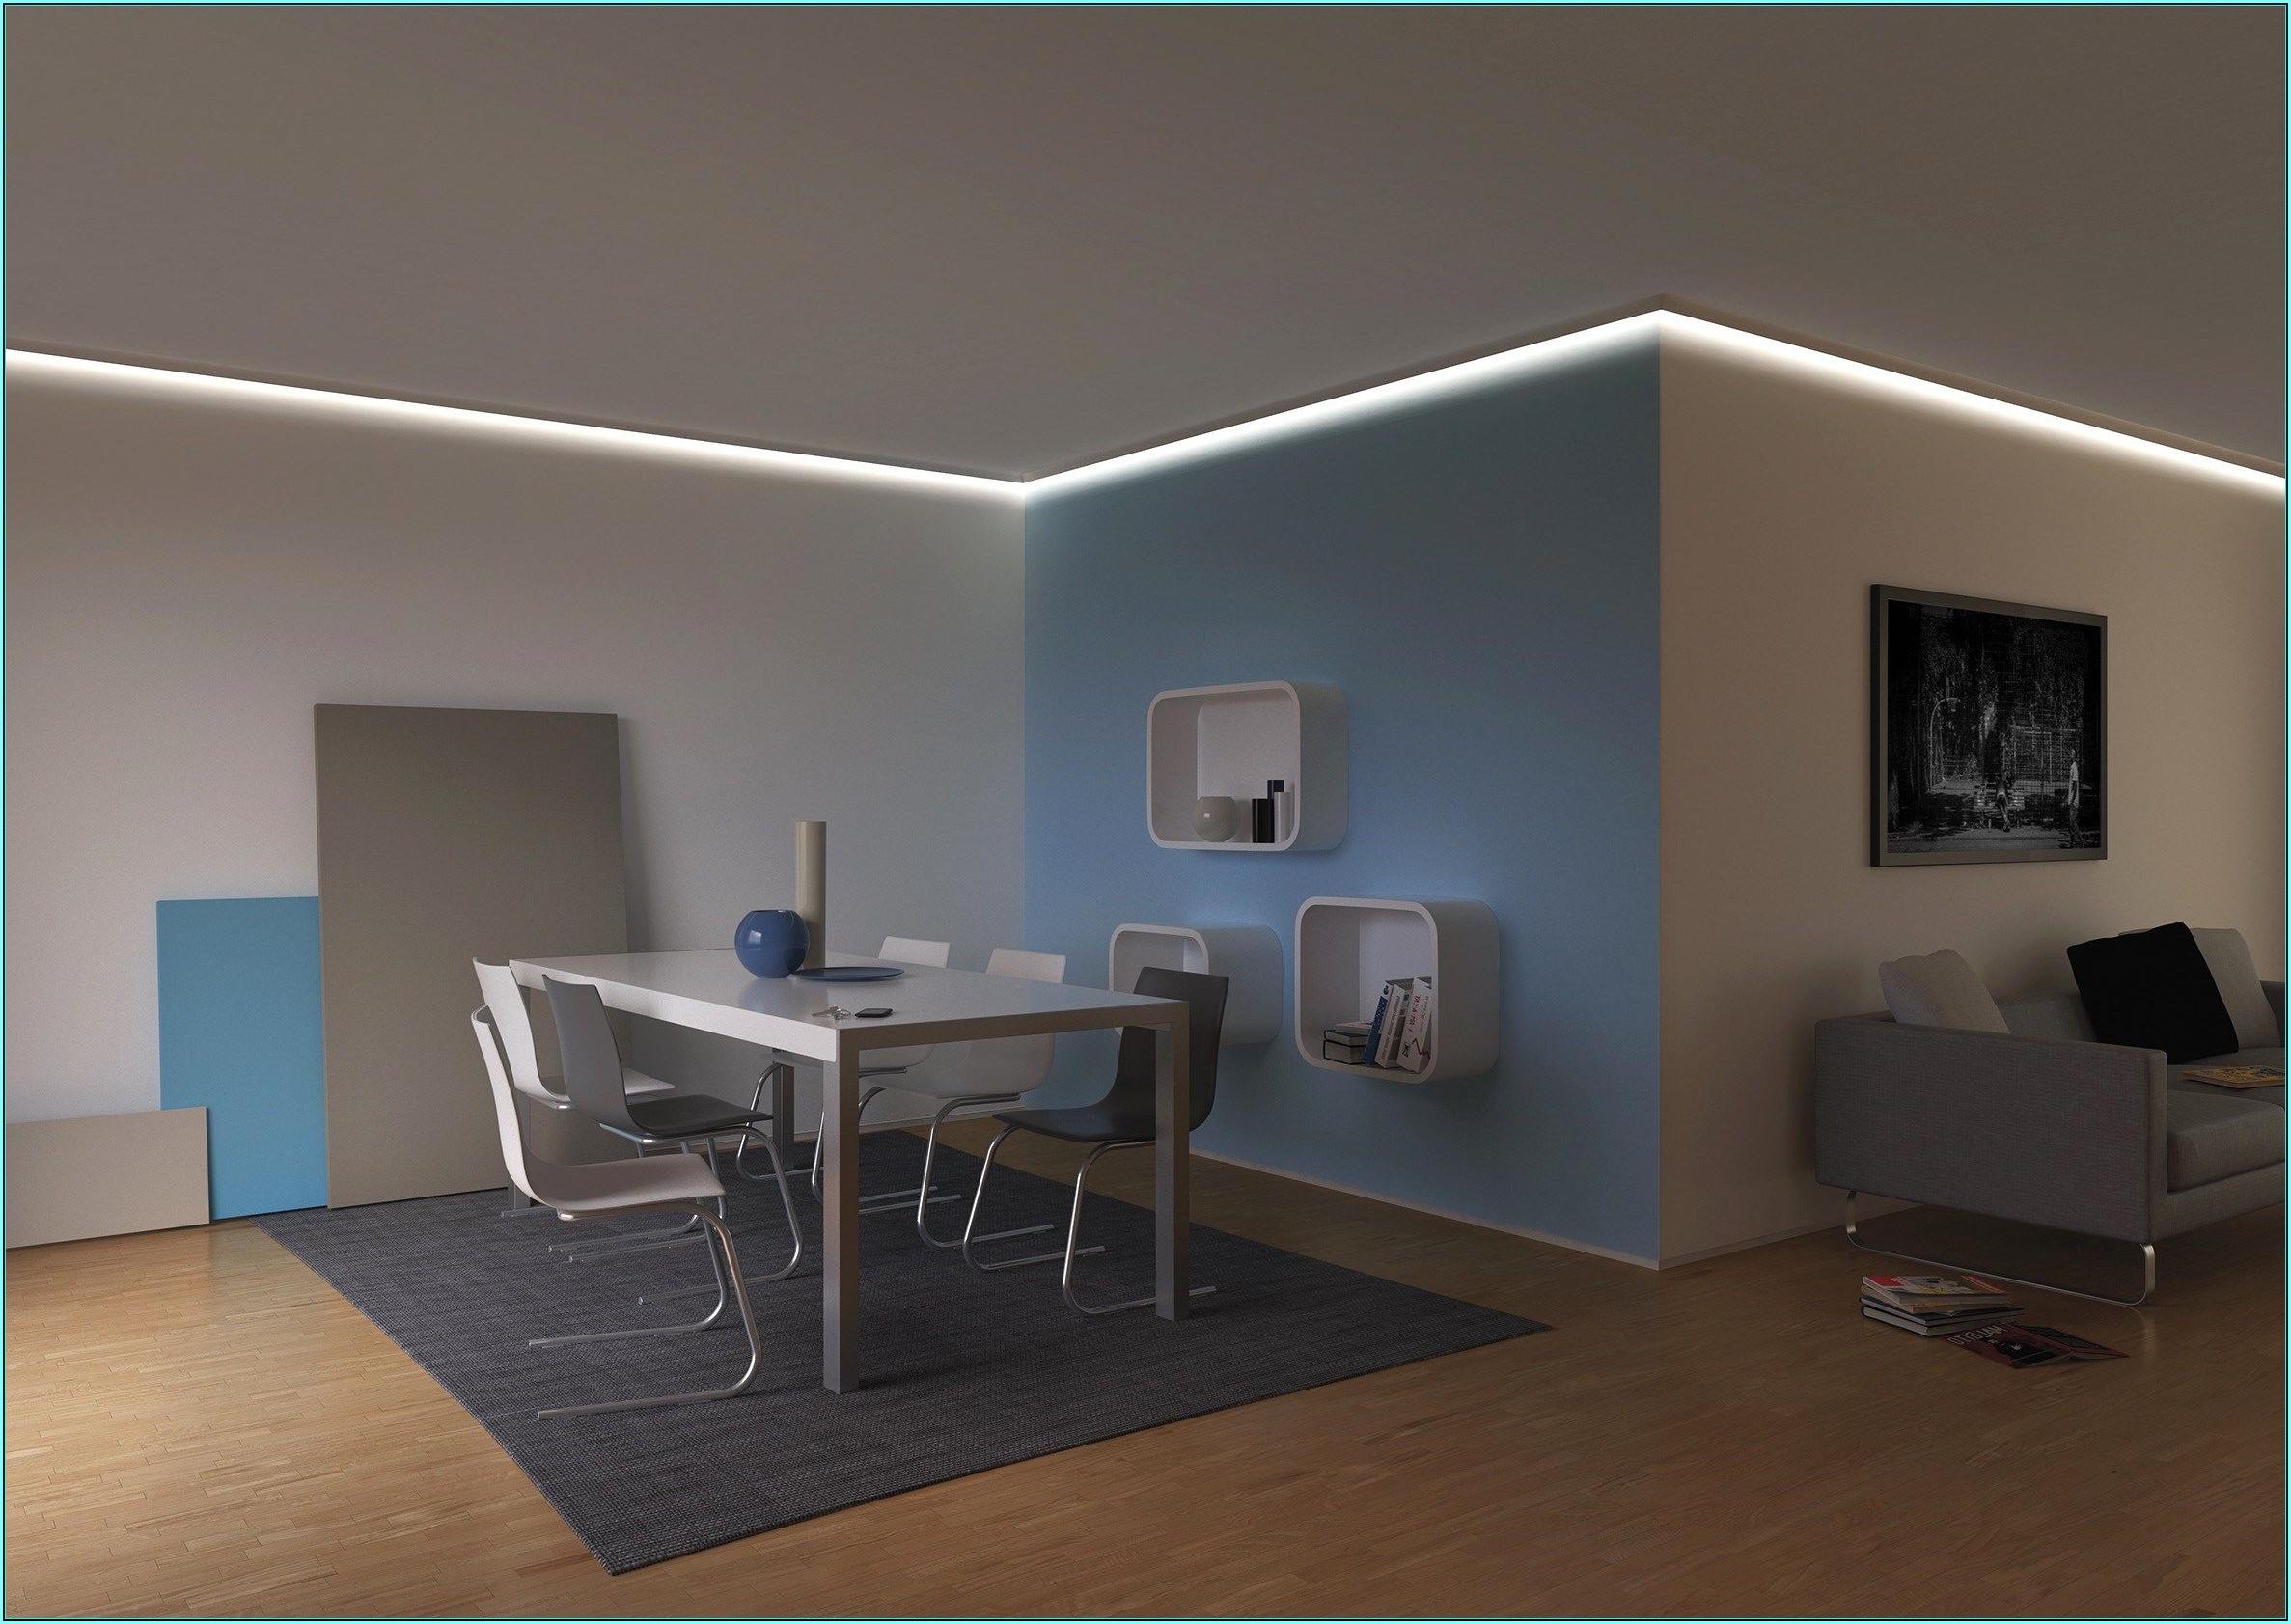 Wohnzimmer Indirekte Beleuchtung Ideen